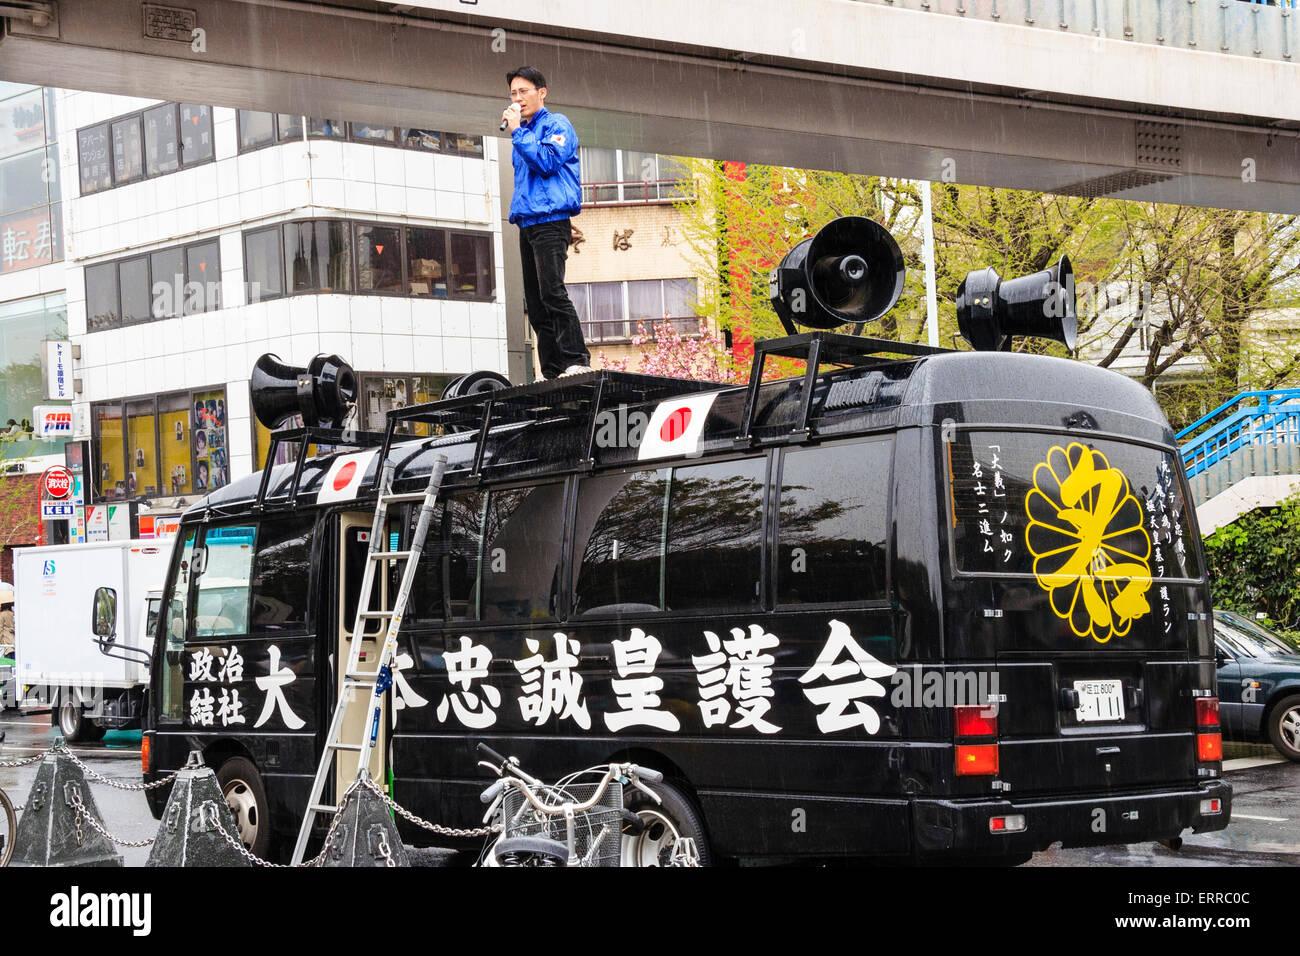 b287cac2db Japan